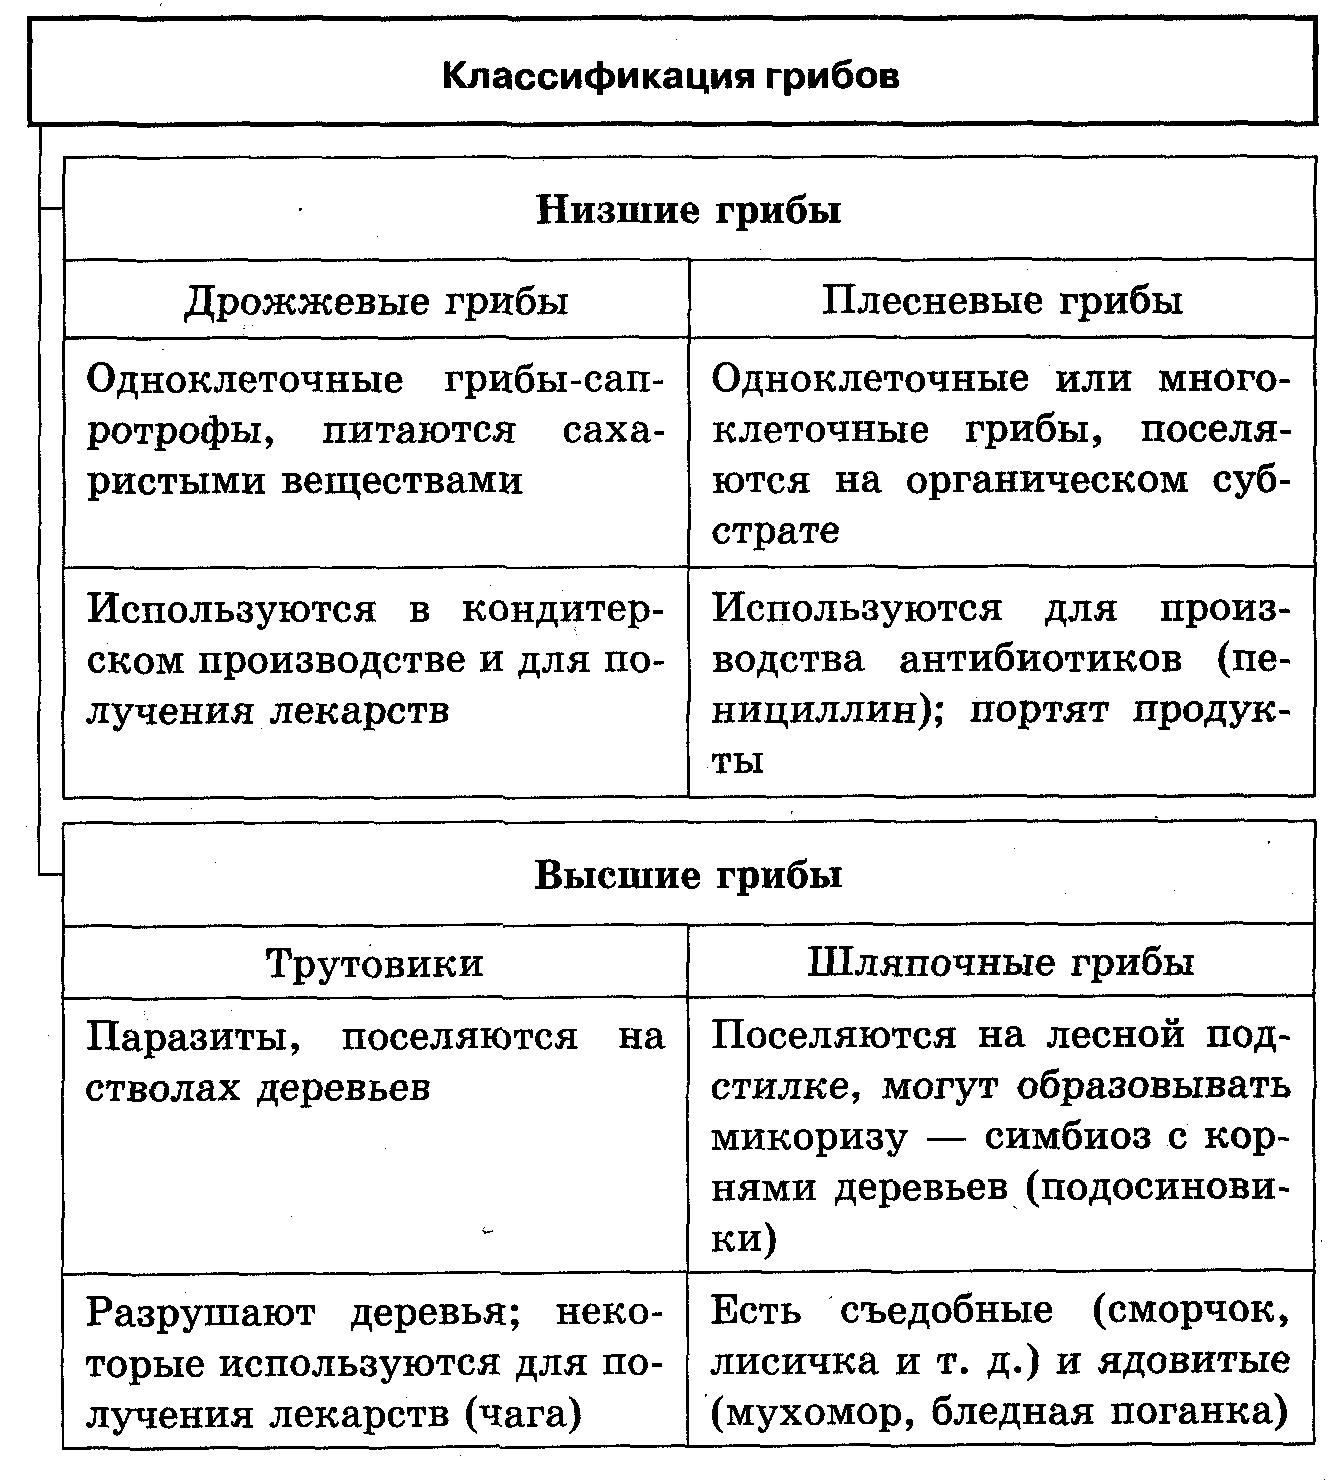 Грибы — большая медицинская энциклопедия